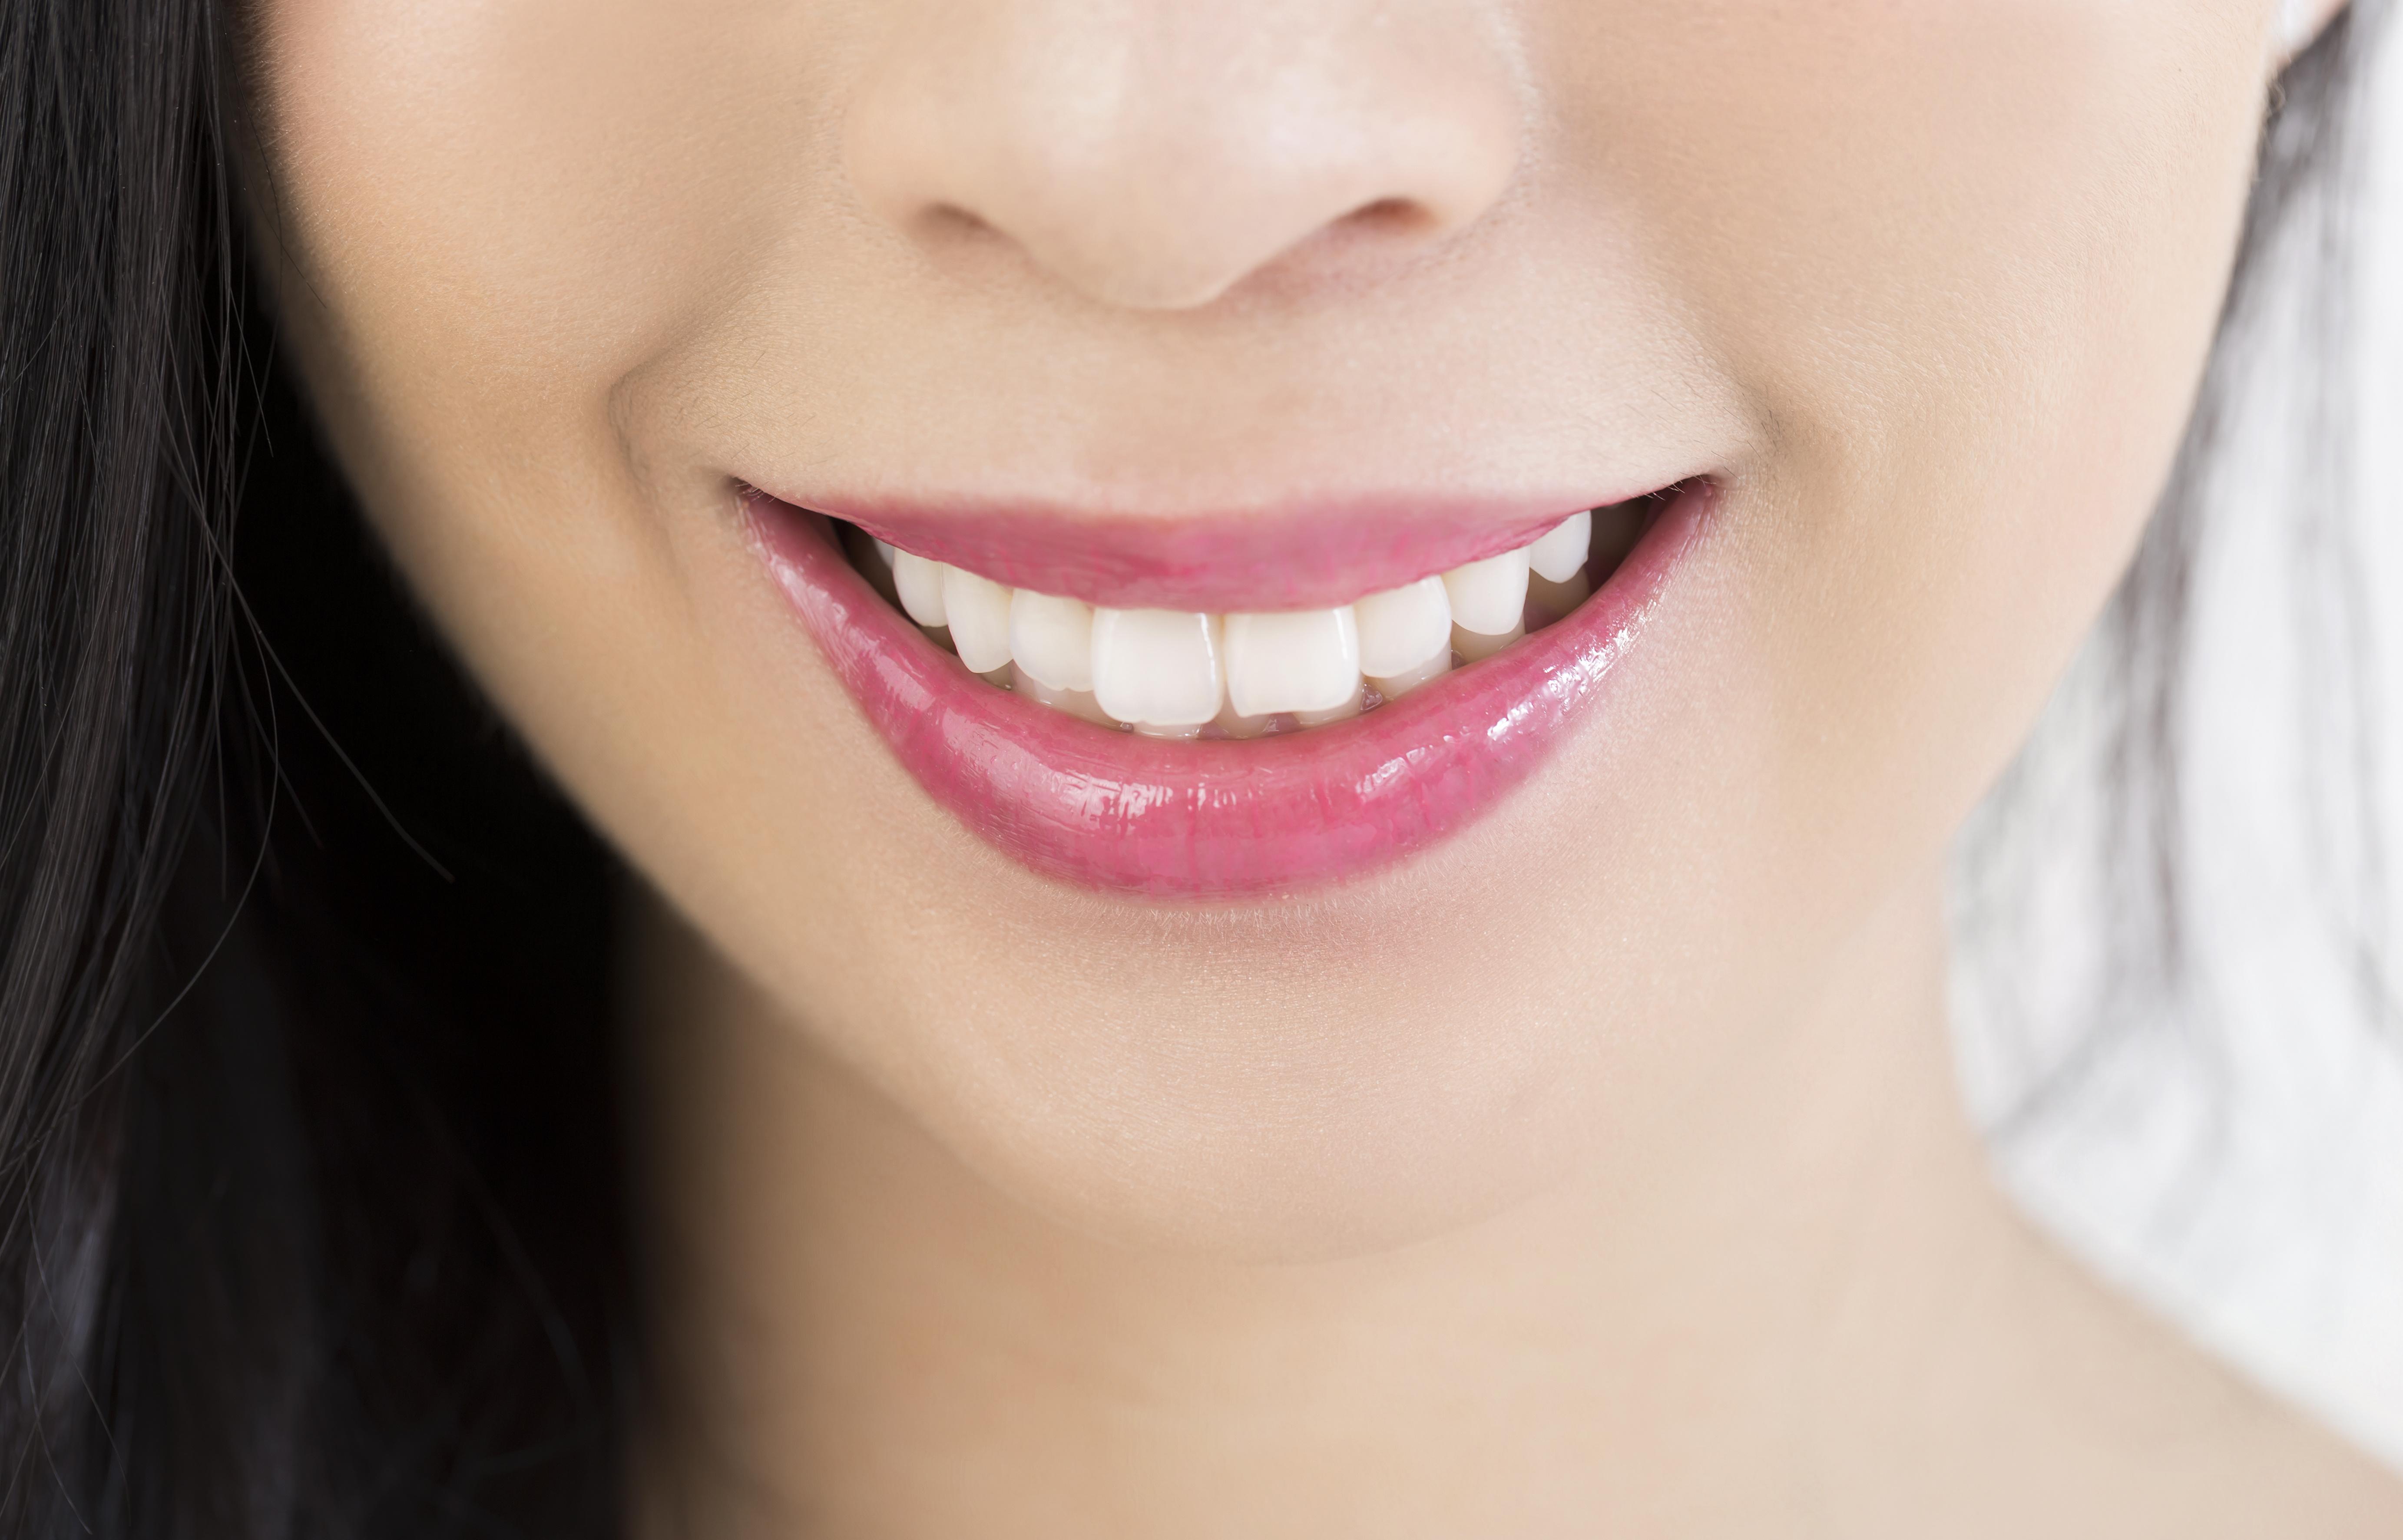 ビューティホワイトニング白い歯